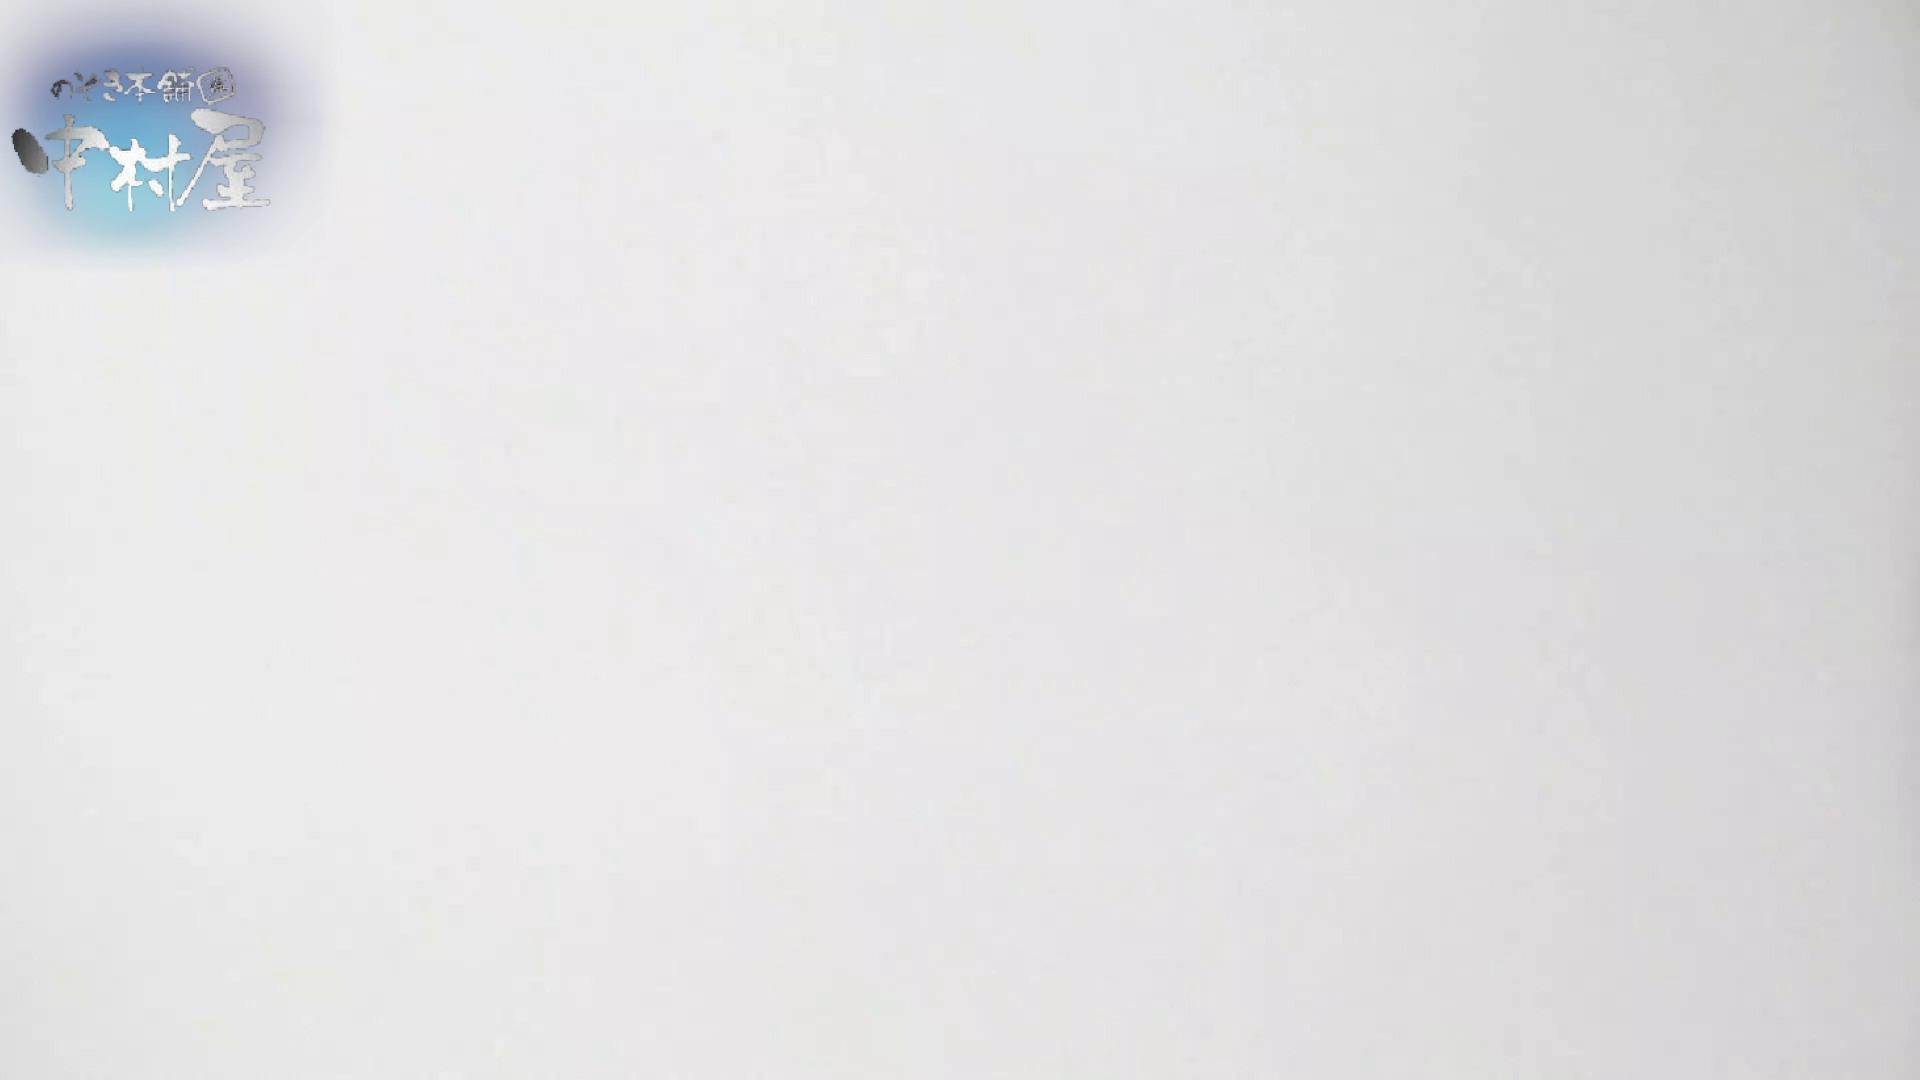 乙女集まる!ショッピングモール潜入撮vol.05 丸見え おめこ無修正画像 80PIX 3